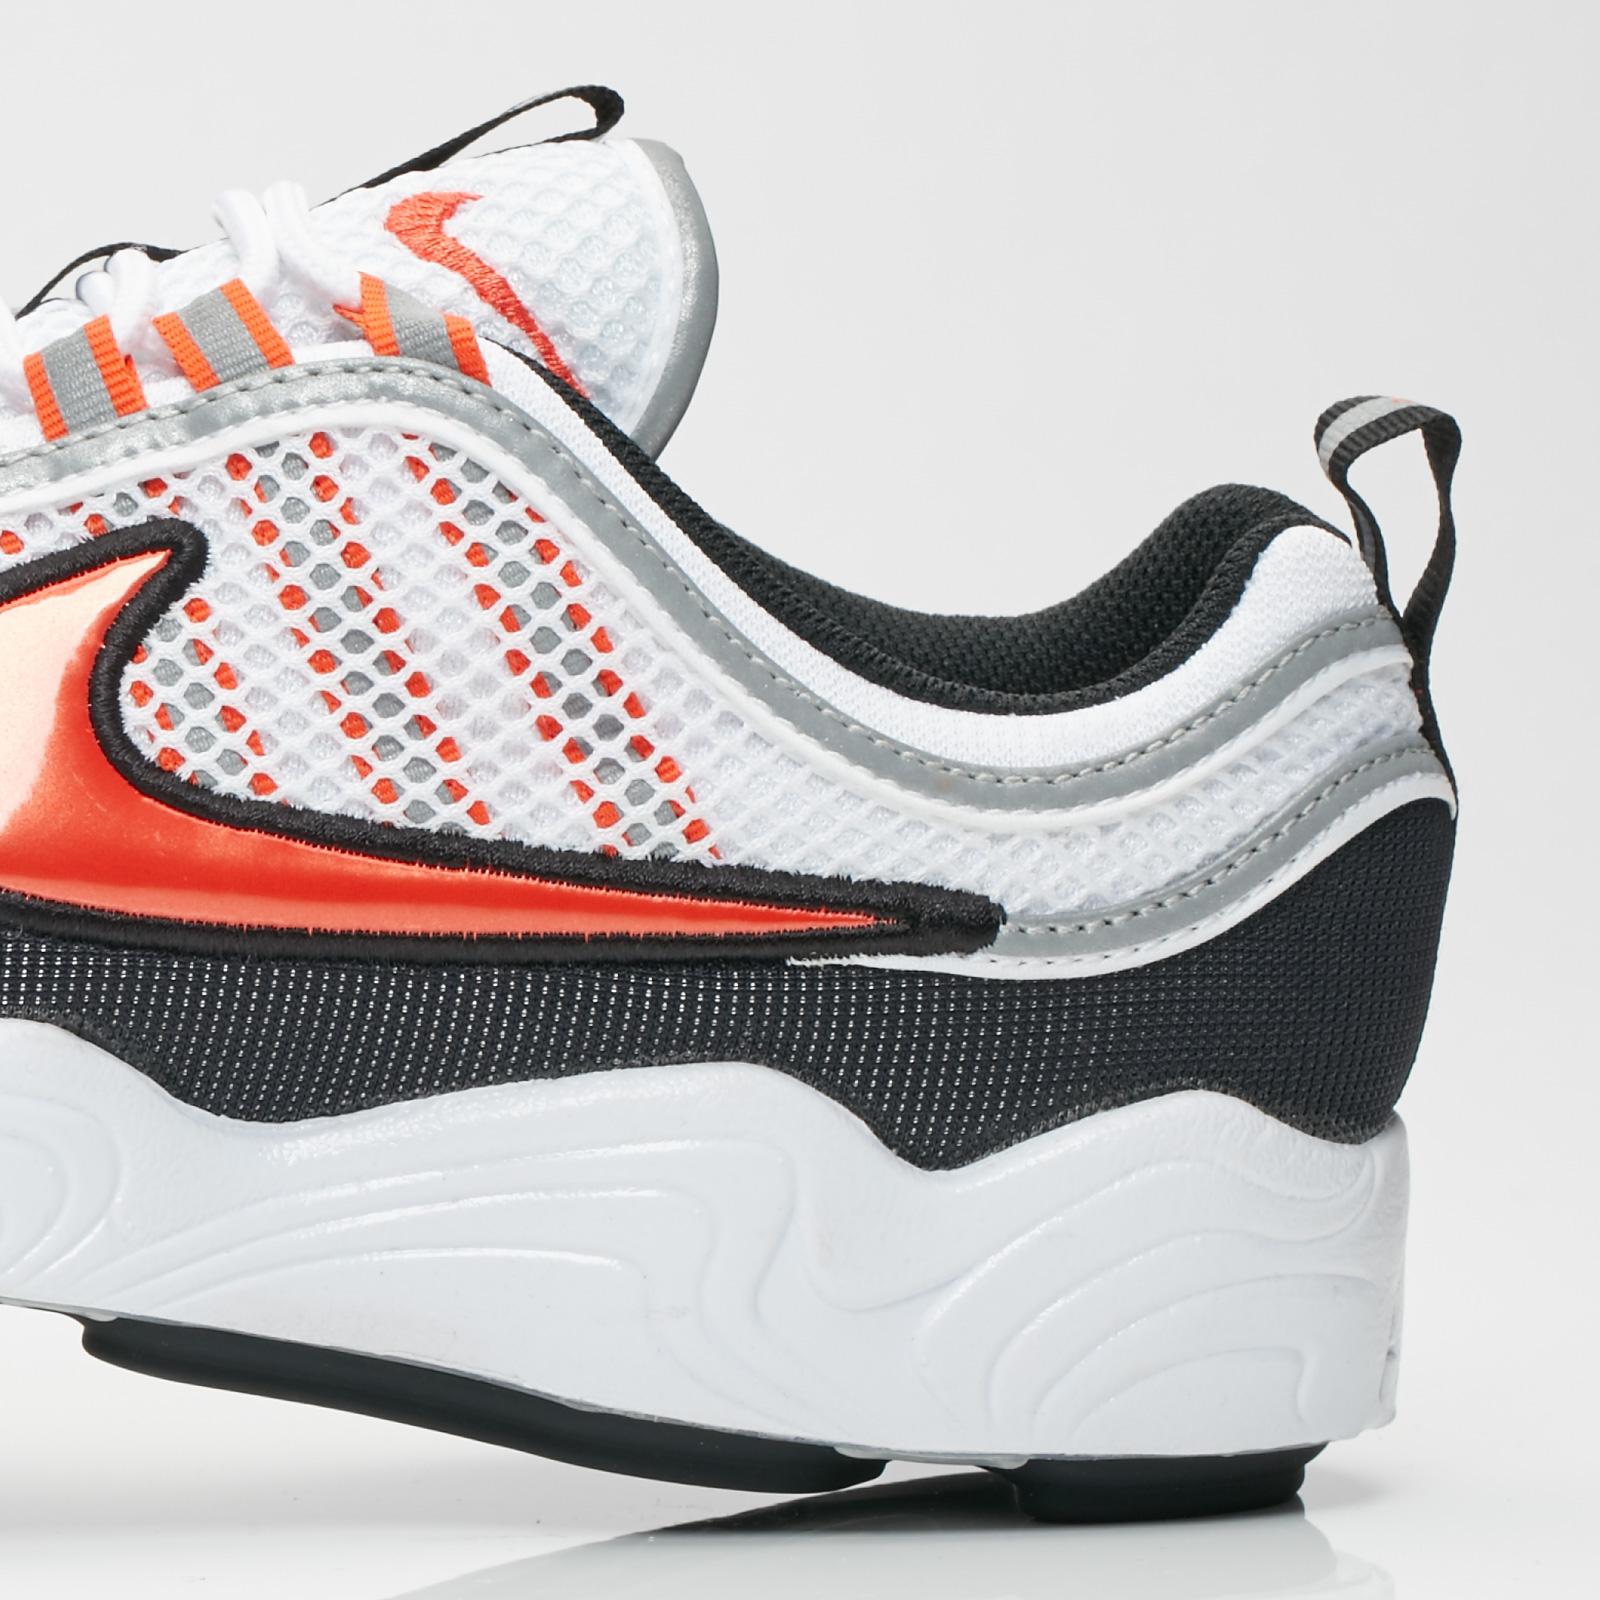 Nike Air Zoom Spiridon 16 926955 106 Sneakersnstuff